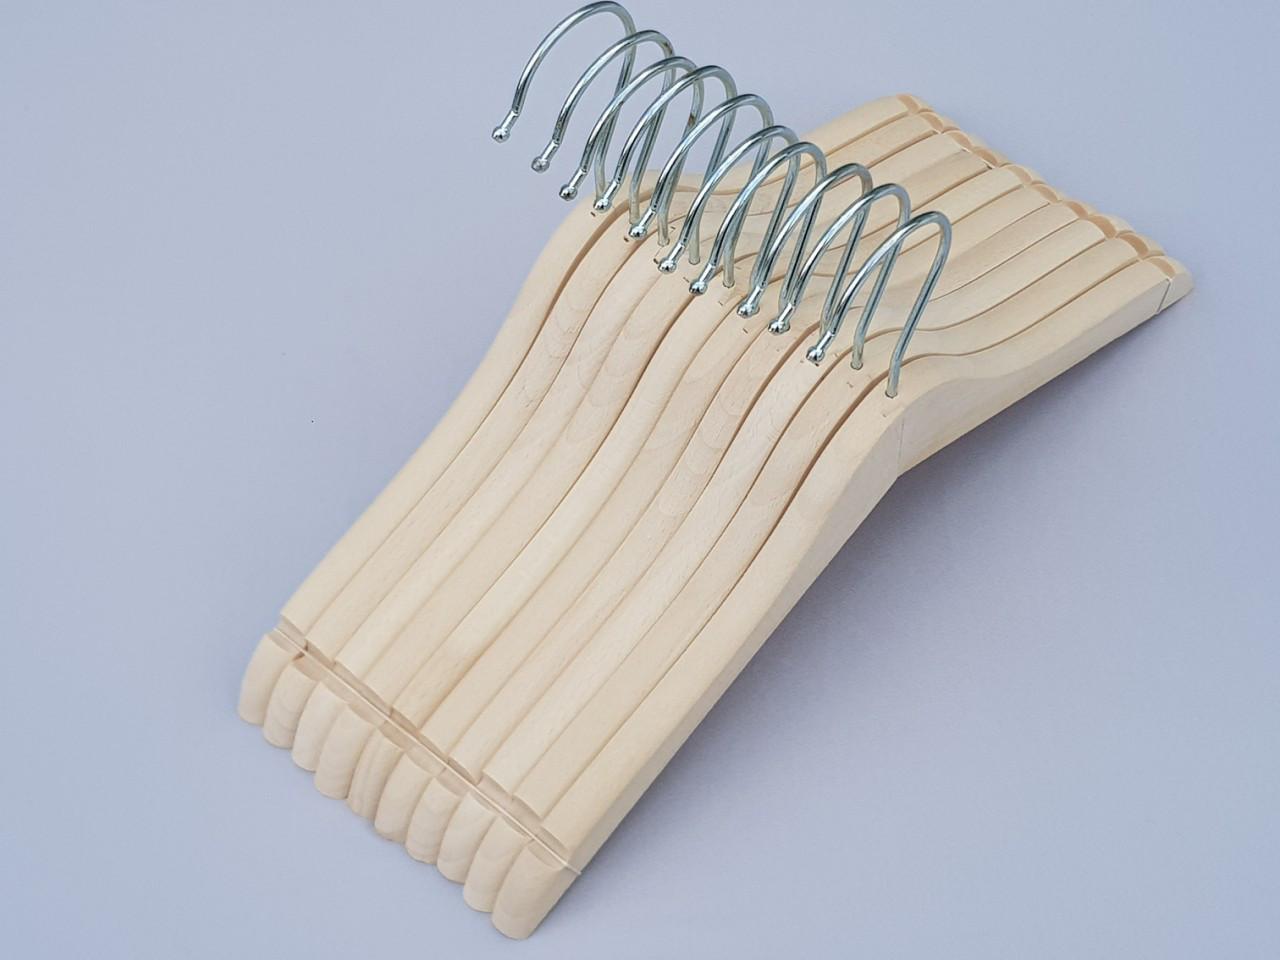 Длина 31,5 см. Плечики детские деревянные ECO светлые, 10 штук в упаковке